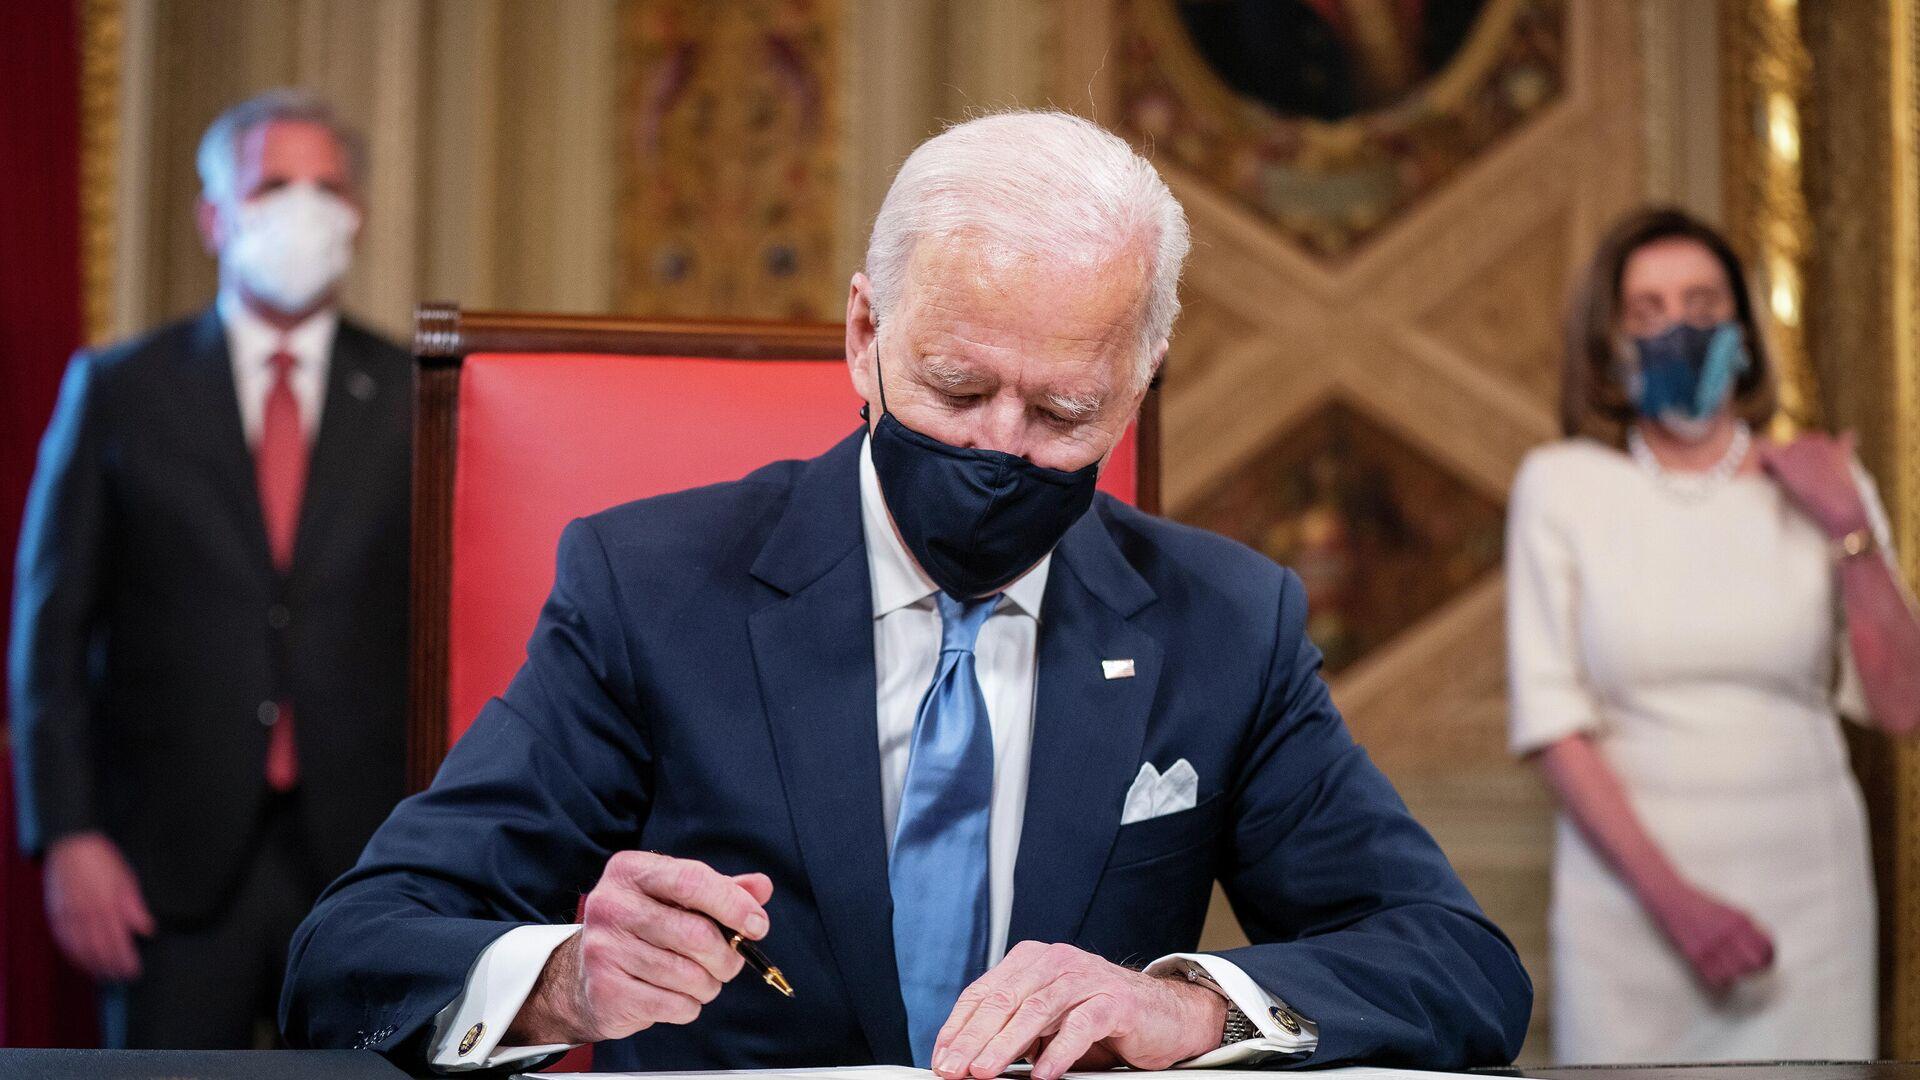 Президент США Джо Байден подписывает документы в Президентской комнате Капитолия США после церемонии инаугурации - РИА Новости, 1920, 21.01.2021